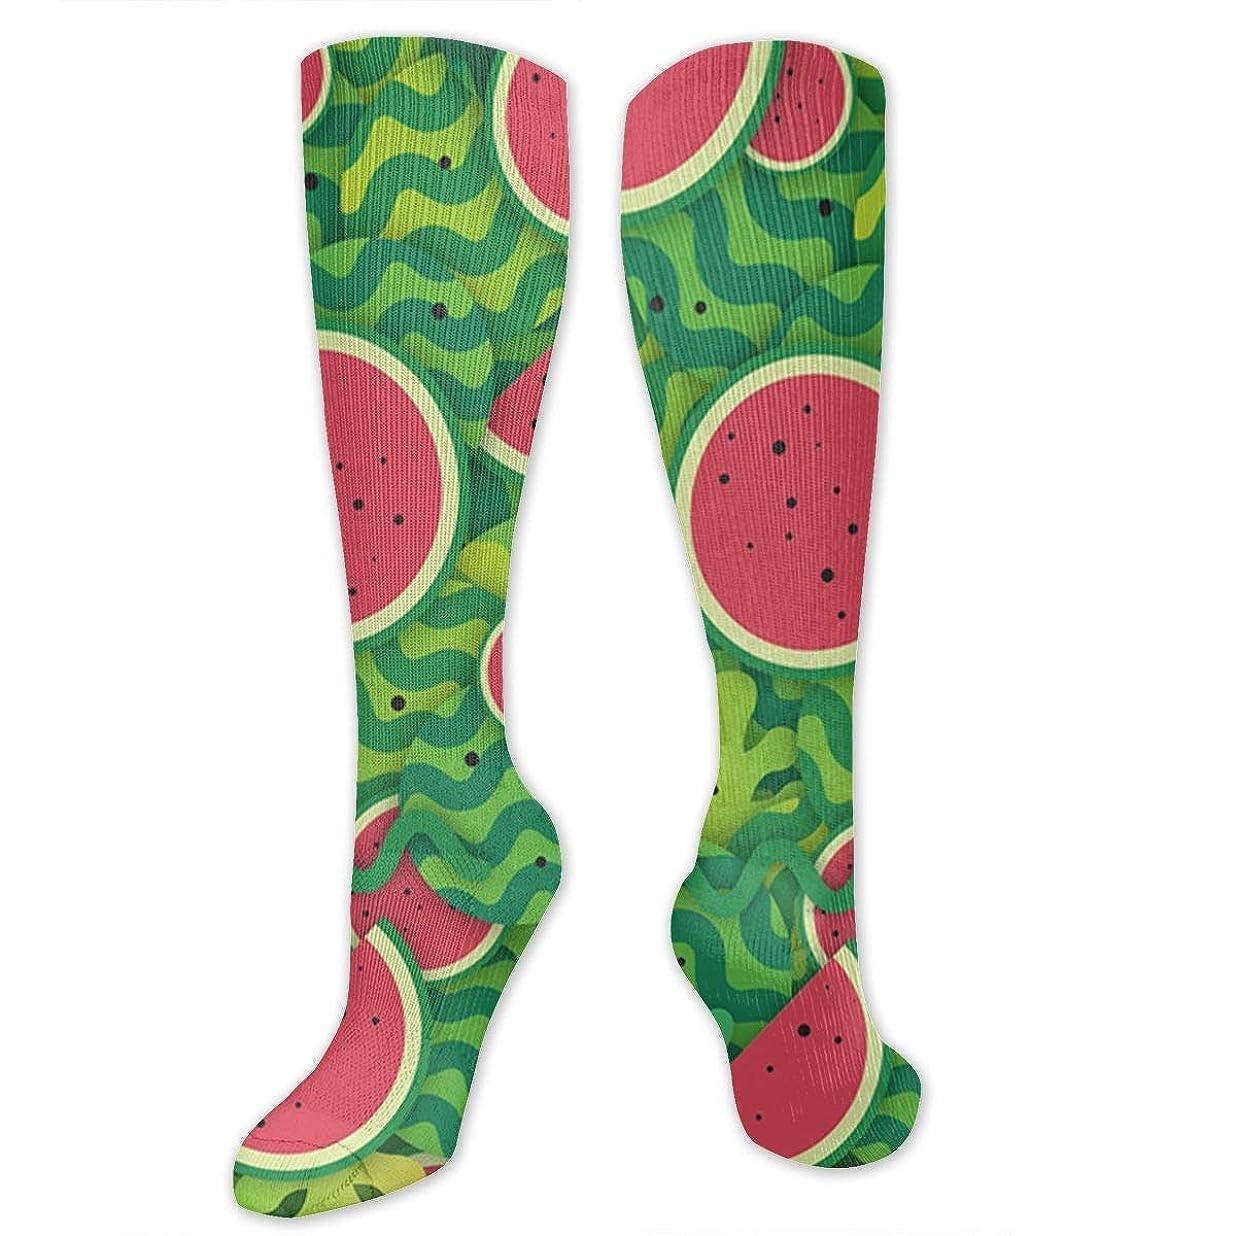 亜熱帯反発別の靴下,ストッキング,野生のジョーカー,実際,秋の本質,冬必須,サマーウェア&RBXAA Red Watermelon Socks Women's Winter Cotton Long Tube Socks Cotton Solid & Patterned Dress Socks